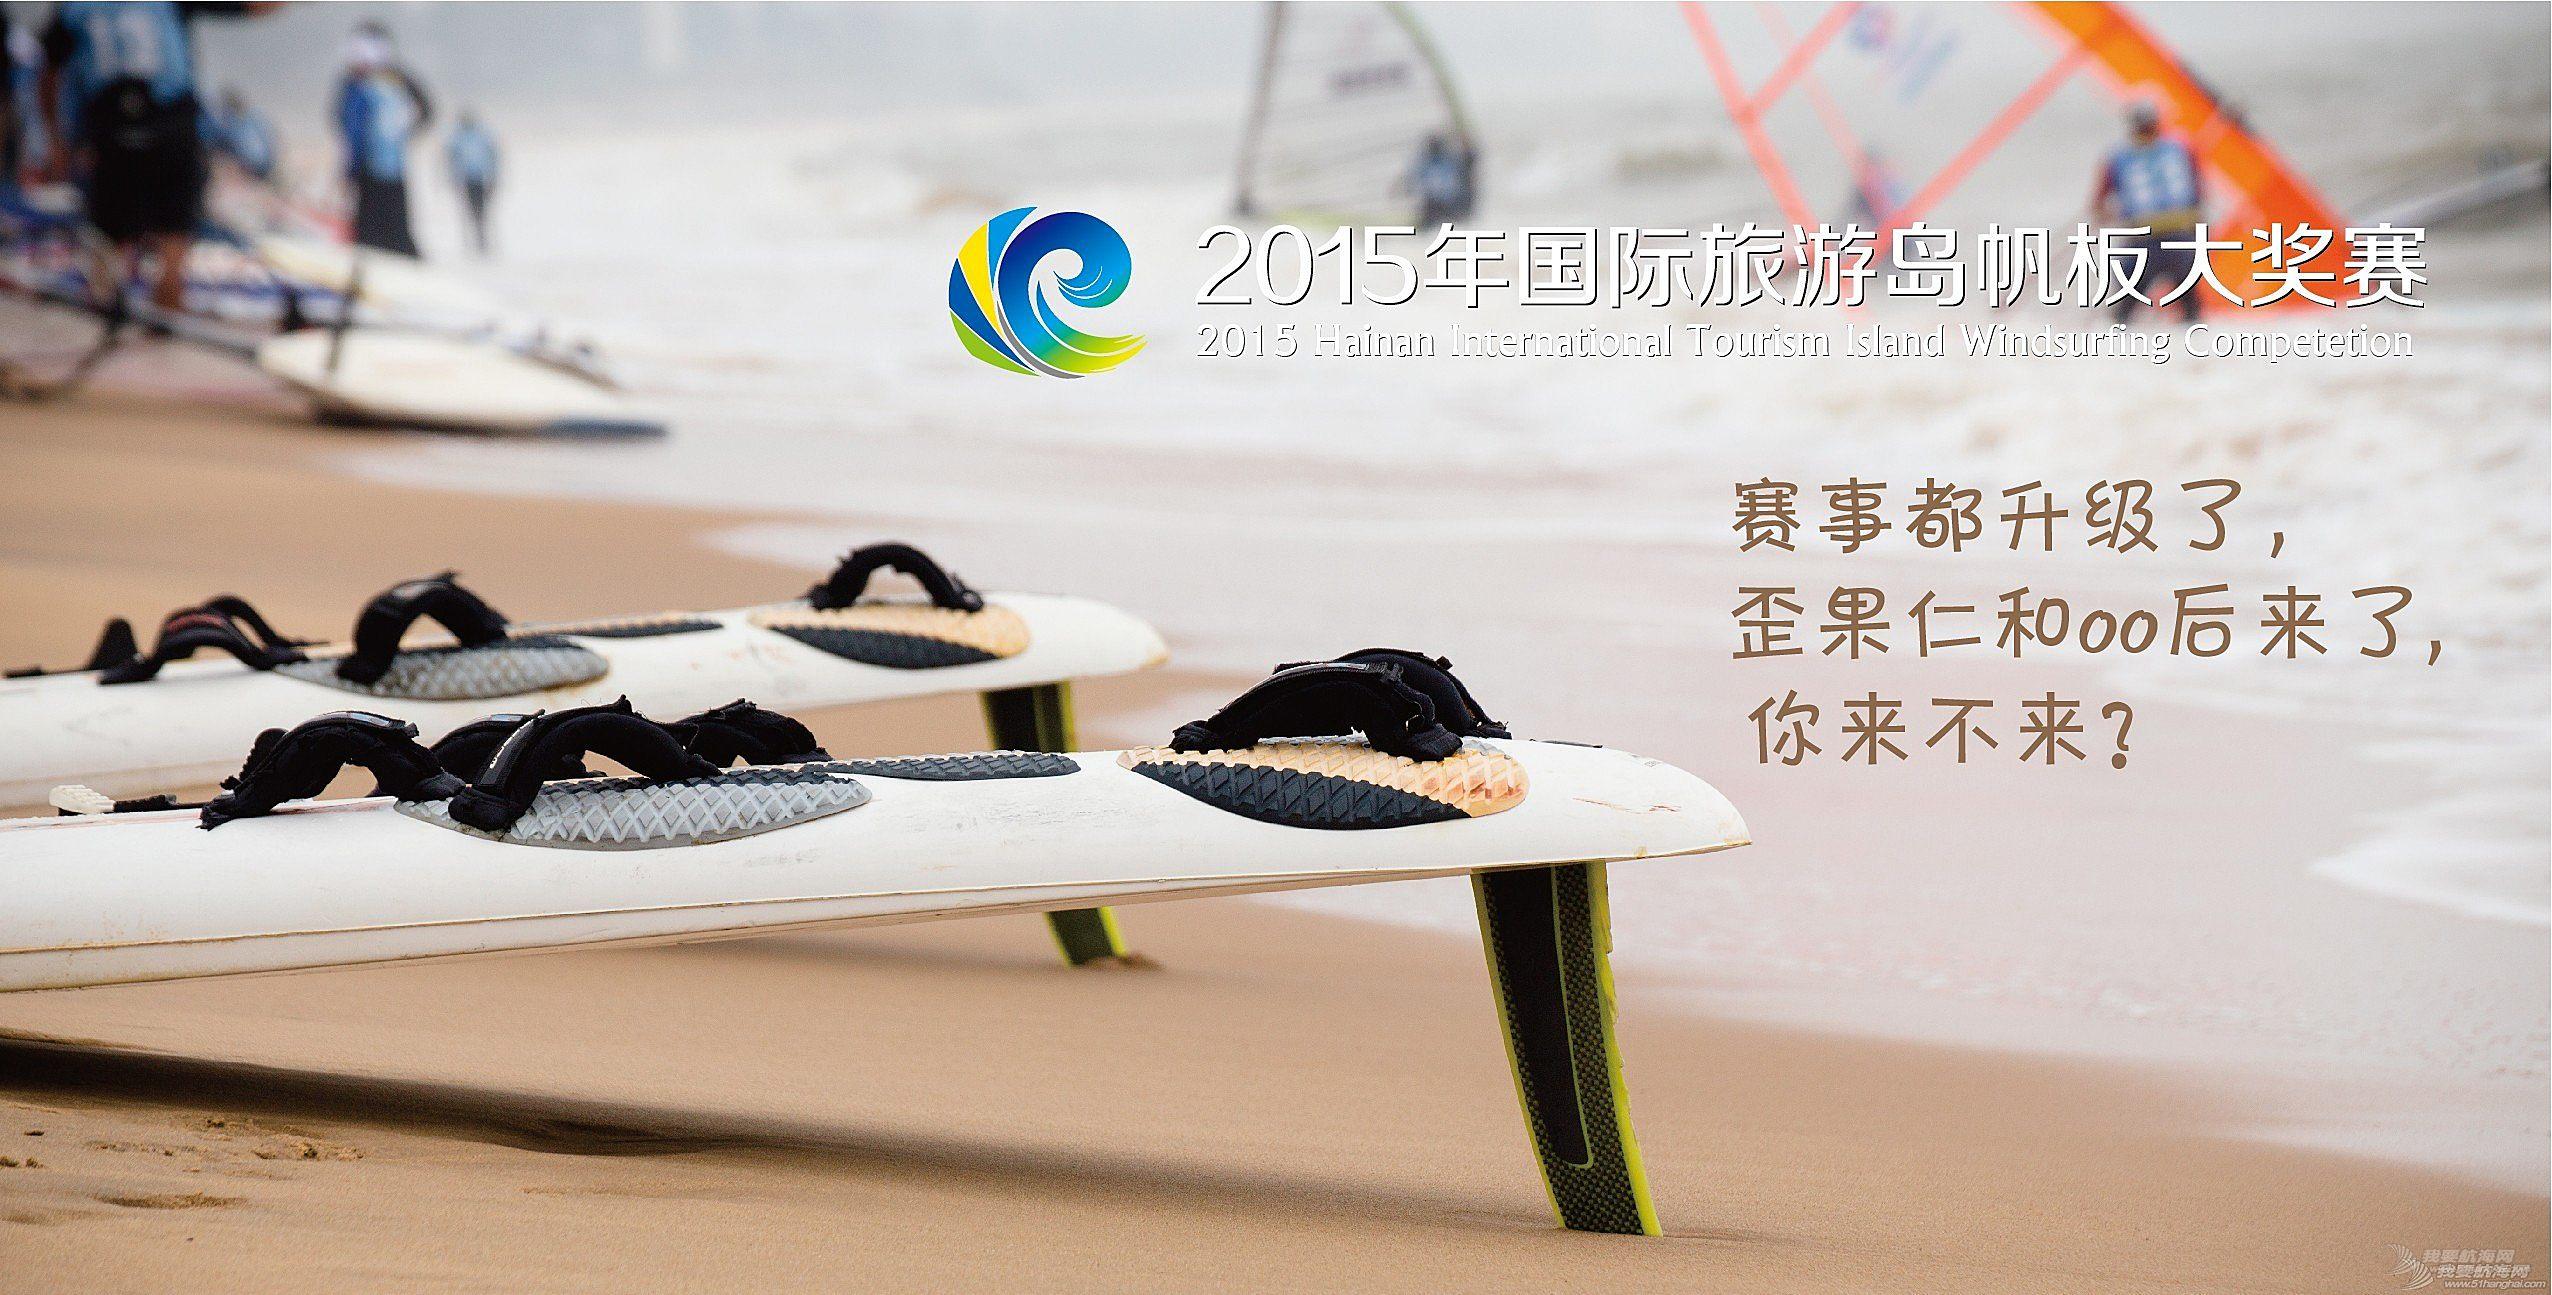 国际旅游岛,联系方式,有限公司,体育运动,假日海滩 国庆长假 国际旅游岛帆板大奖赛邀你好玩